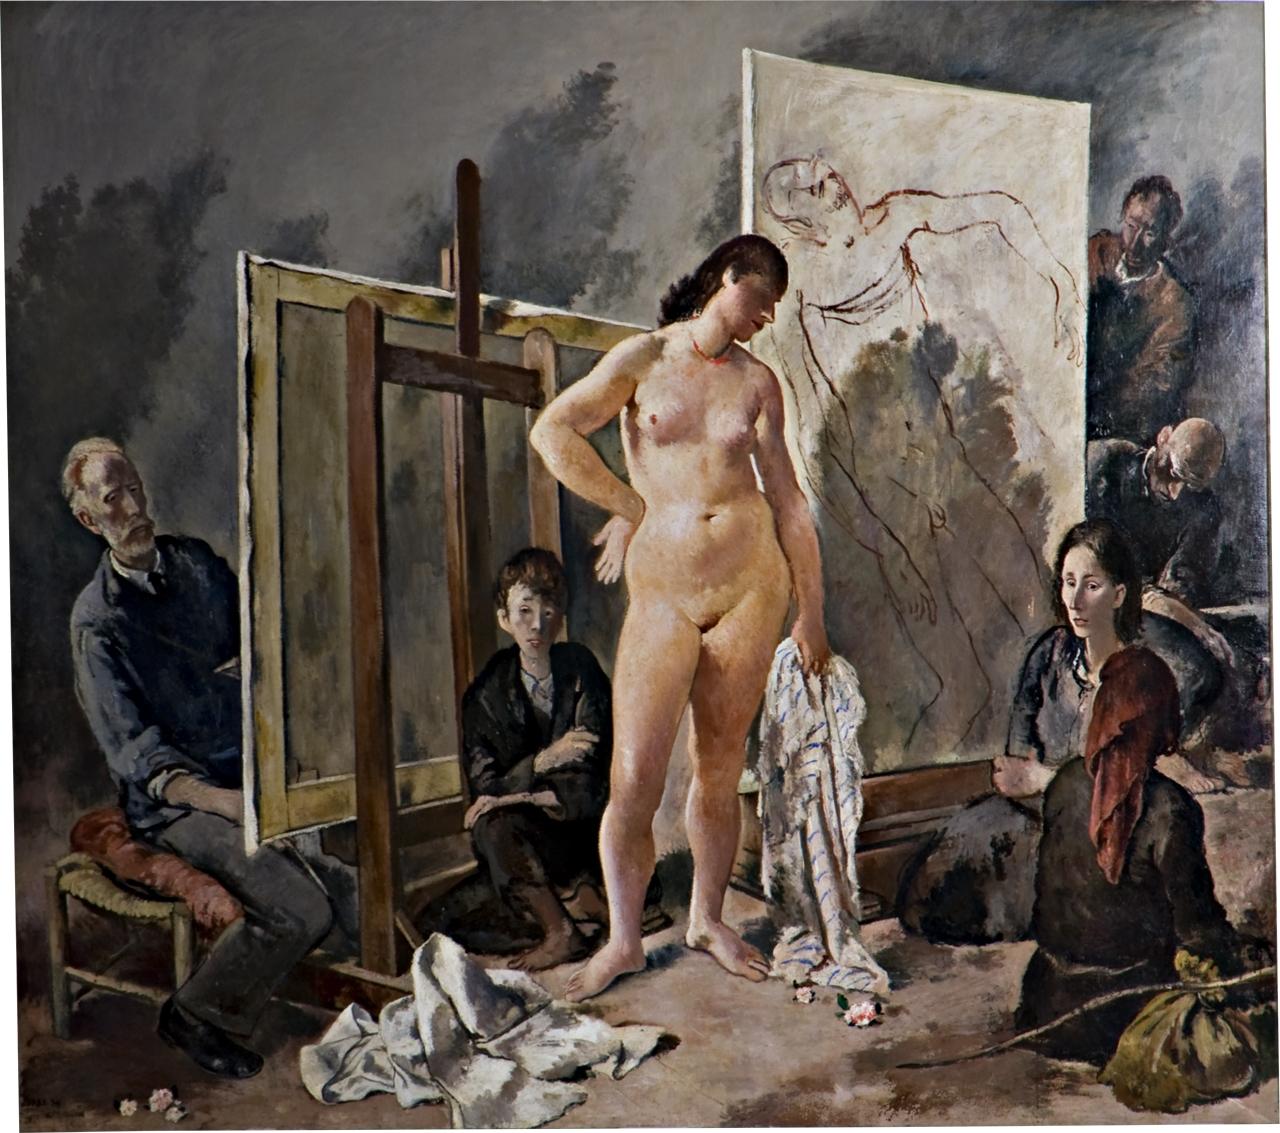 Carena, Galleria d'Arte Moderna Pitti Firenze